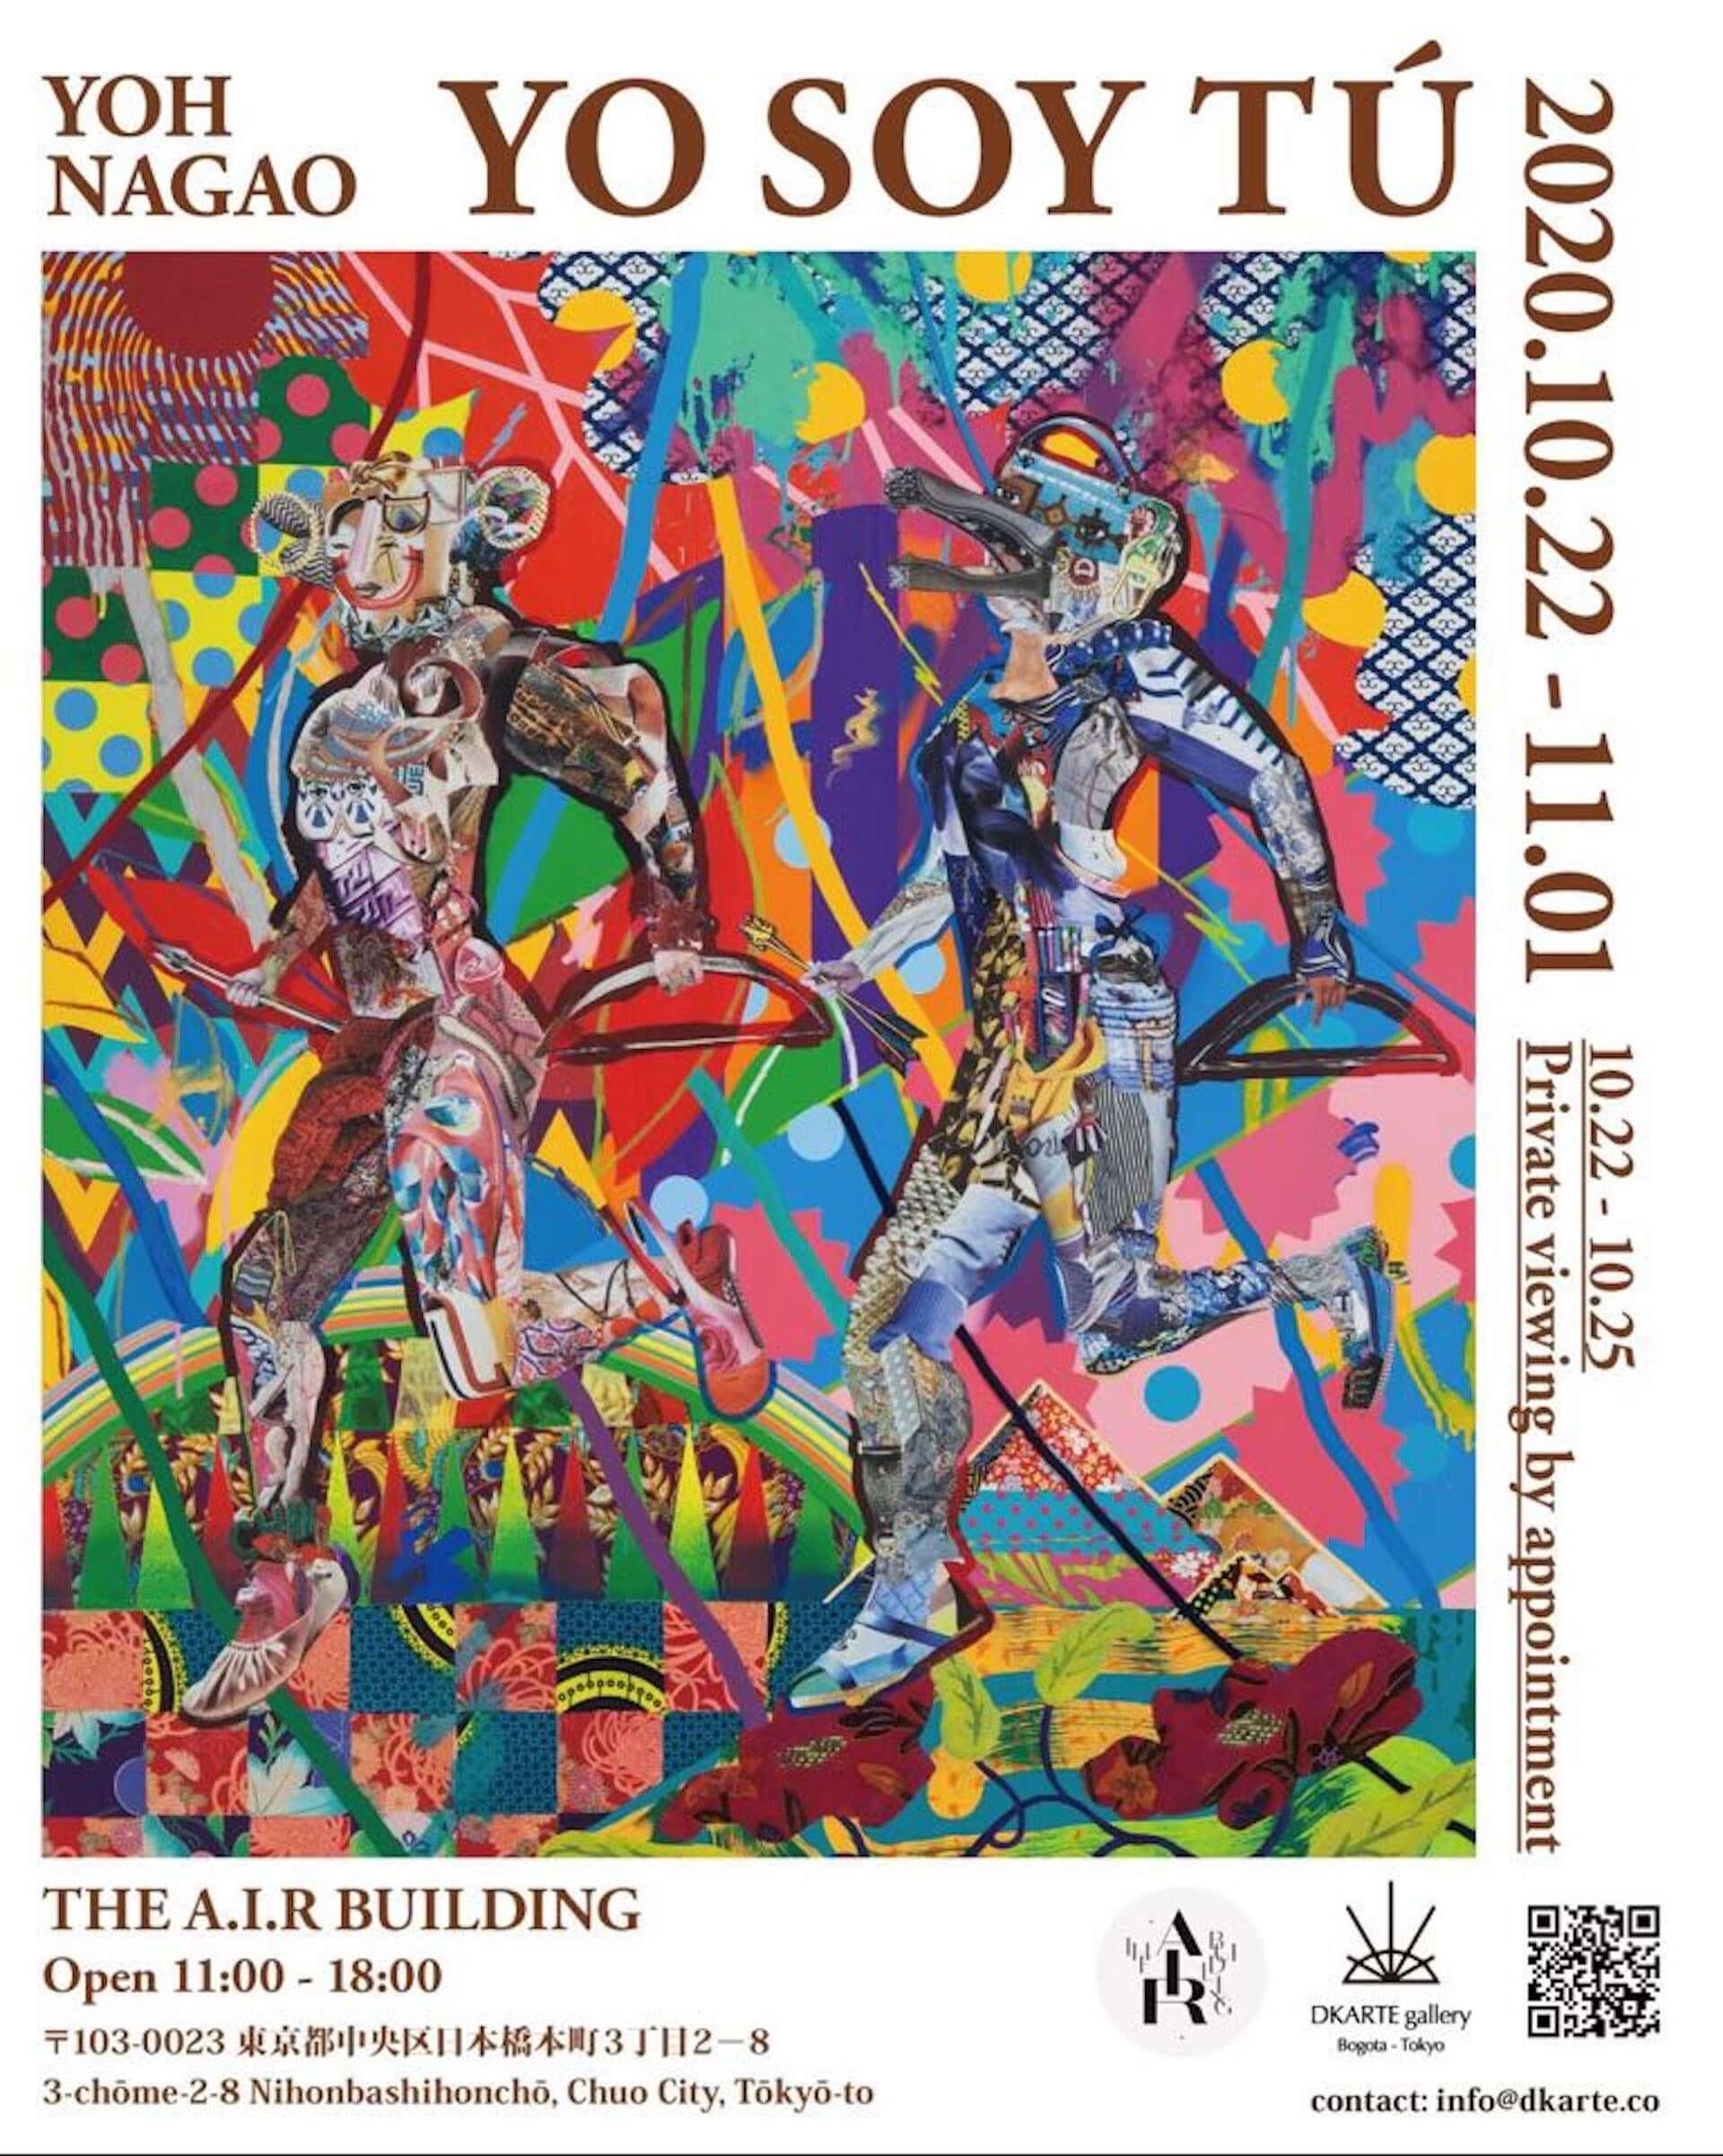 長尾洋による都内初の個展<YO SOY TÚ>が日本橋・THE A.I.R BUILDINGにて開催決定!会期中はトークショーなどのイベントも実施 art201013_nagaoyoh_2-1920x2403